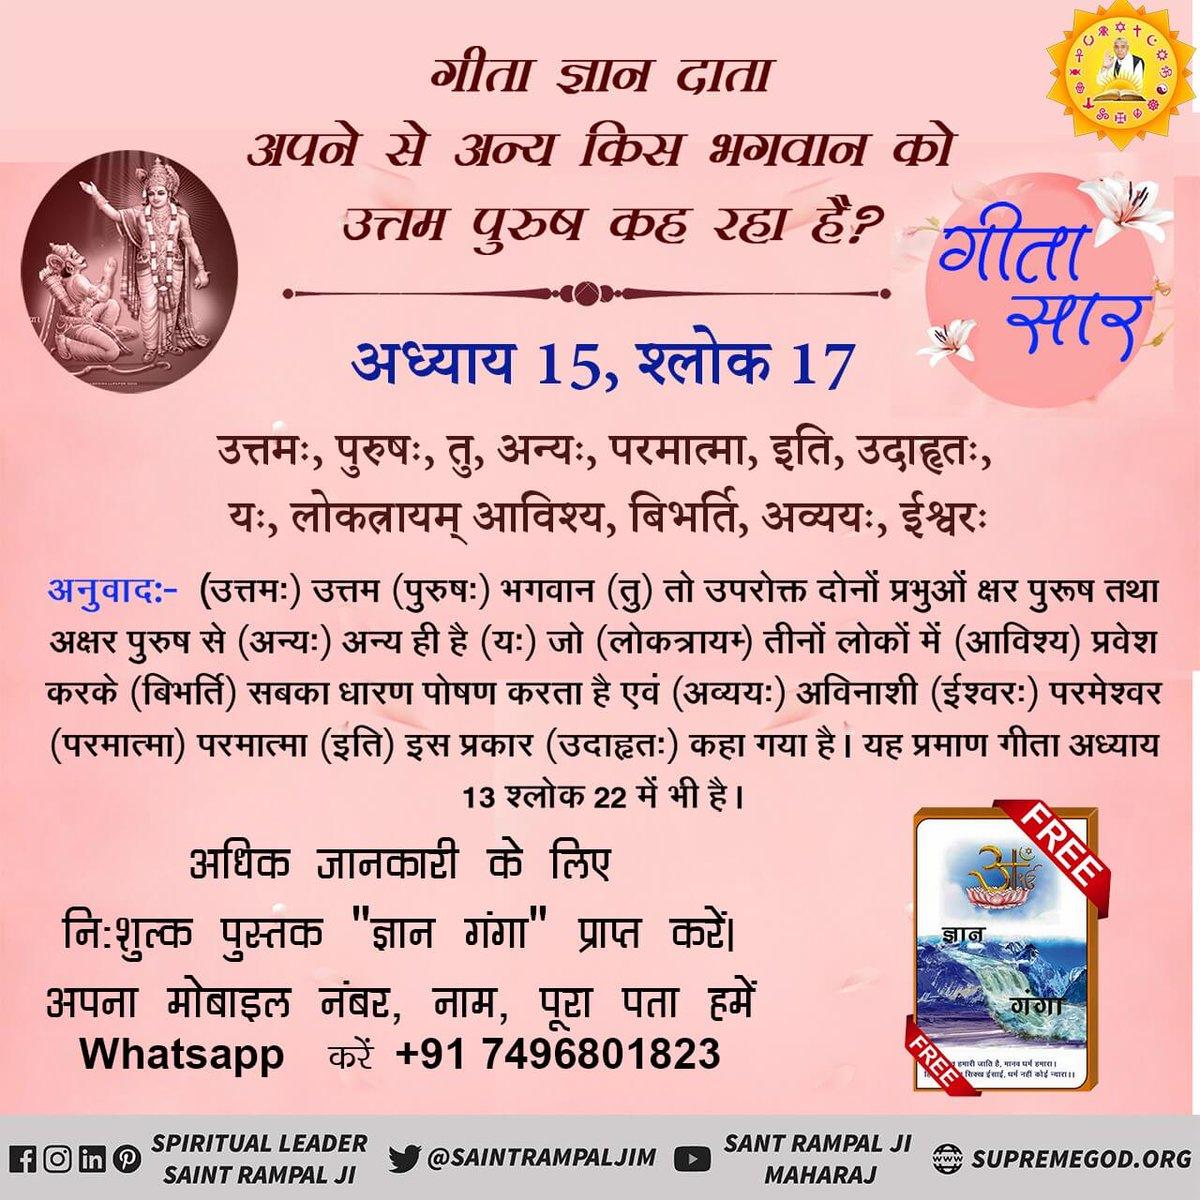 @SaintRampalJiM #MustListen_Satsang  गीता जी के अध्याय 18 के श्लोक 66 में गीता ज्ञान दाता ने अपने से अन्य परम अक्षर ब्रह्म की शरण में जाने को कहा है।